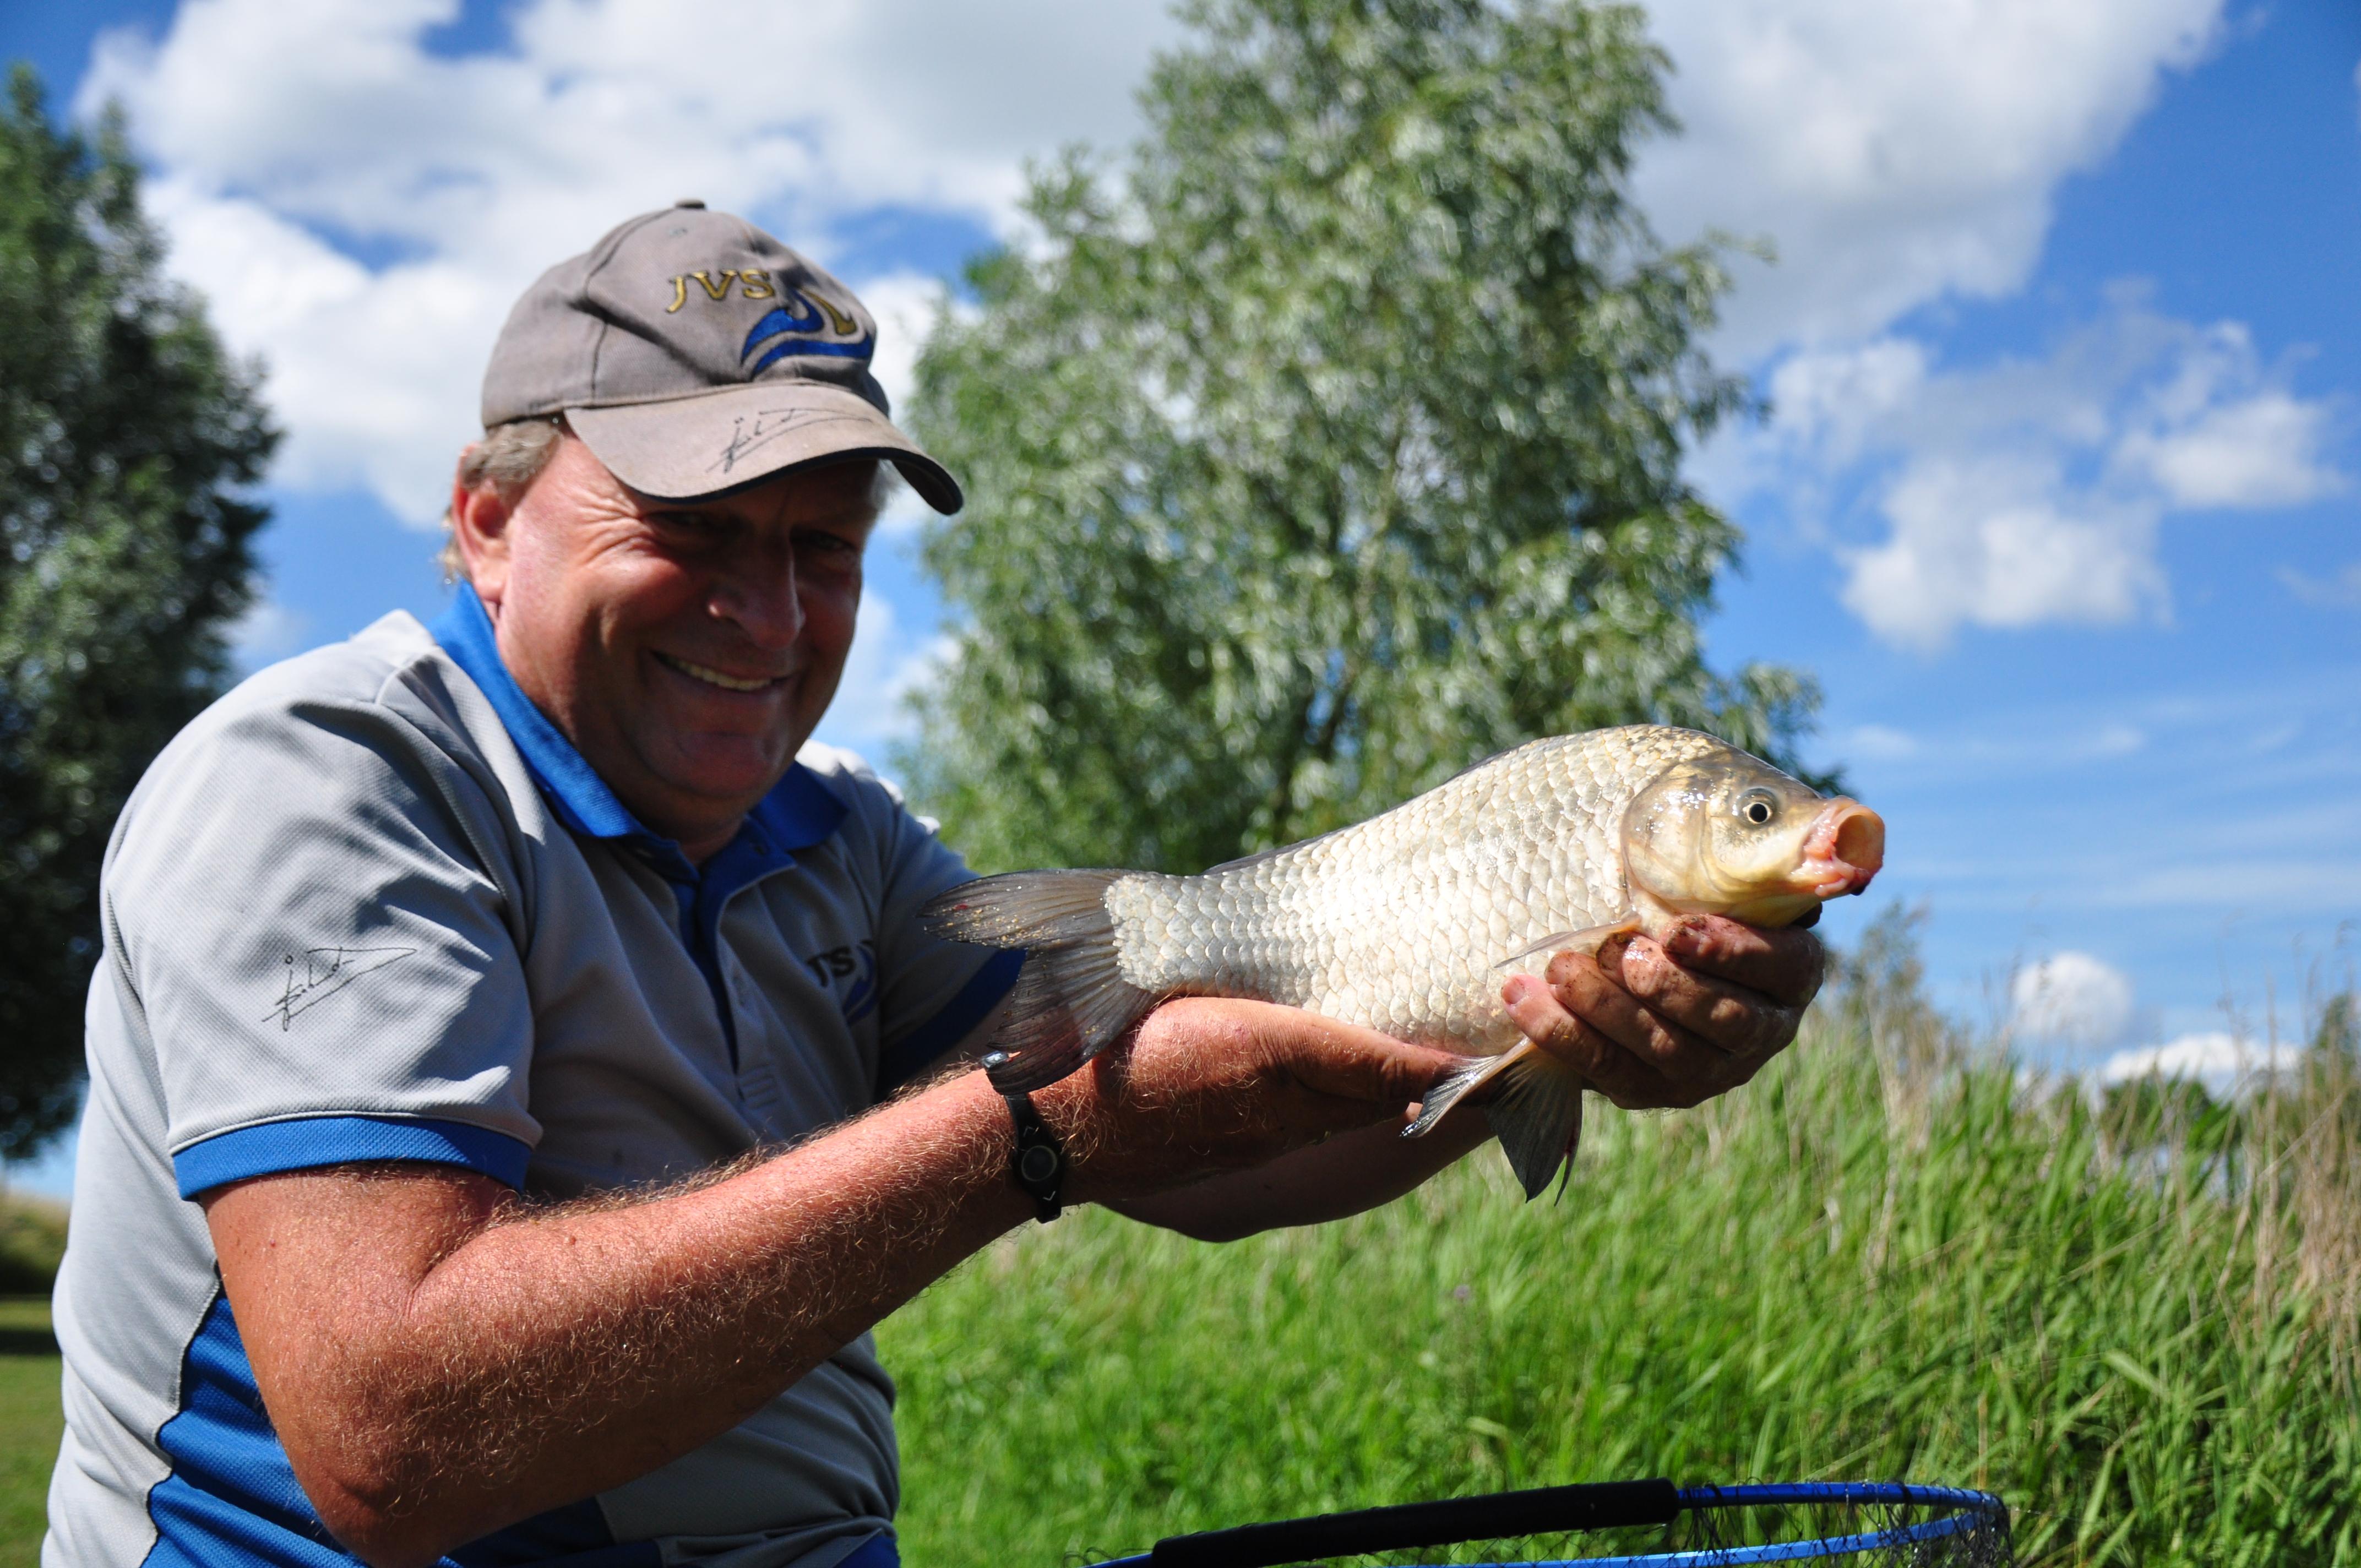 Jan van Schendel cityfishing